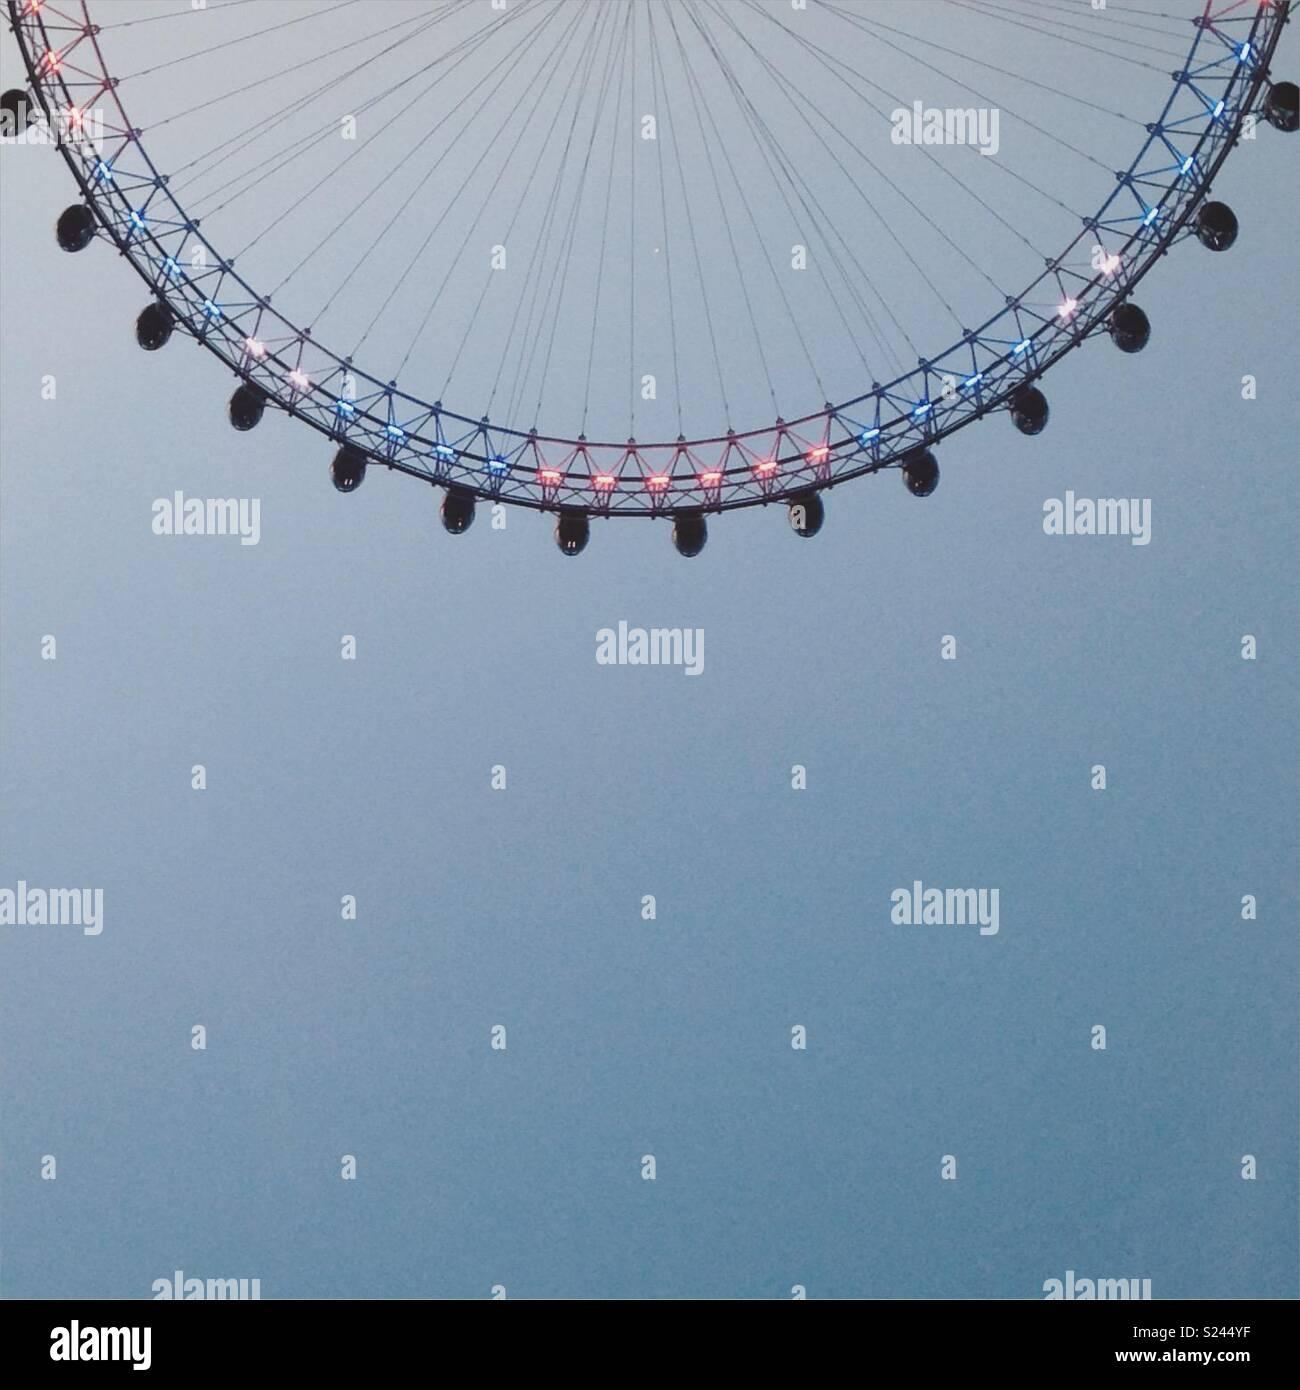 London Eye ruota gigante capovolto - un'immagine inusuale di un simbolo di Londra Immagini Stock